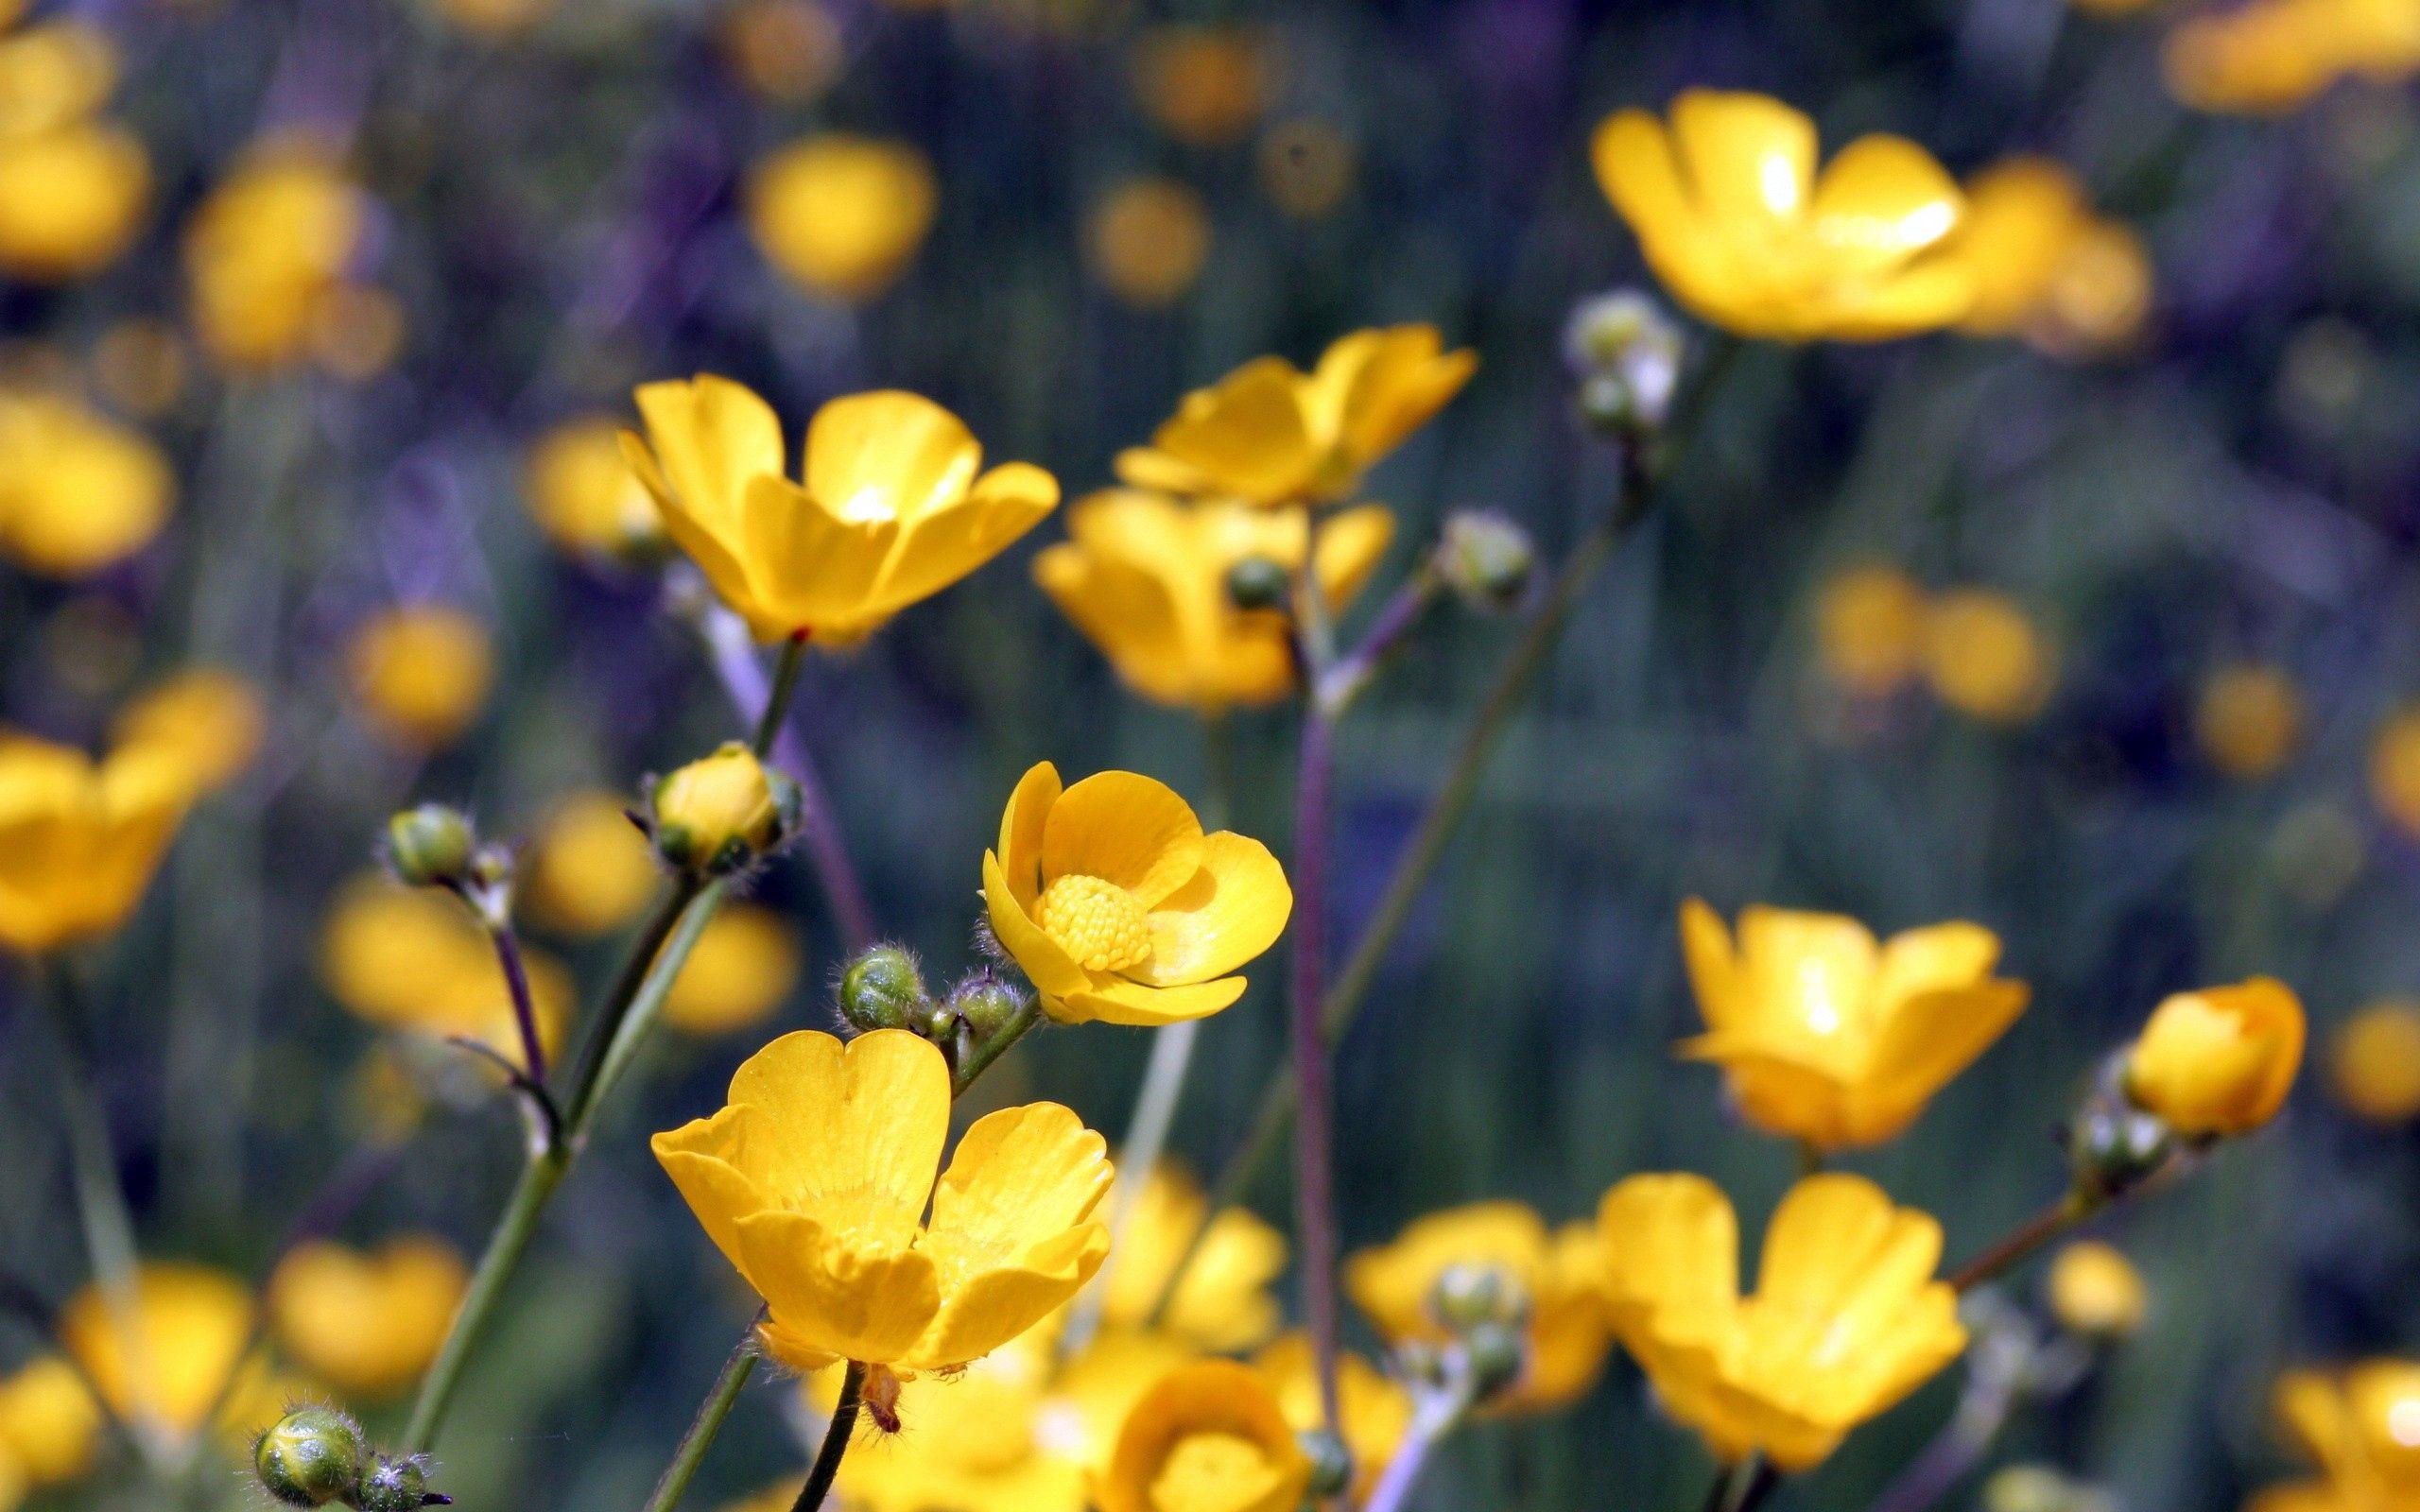 141402 скачать обои Желтый, Цветы, Макро, Полевой - заставки и картинки бесплатно